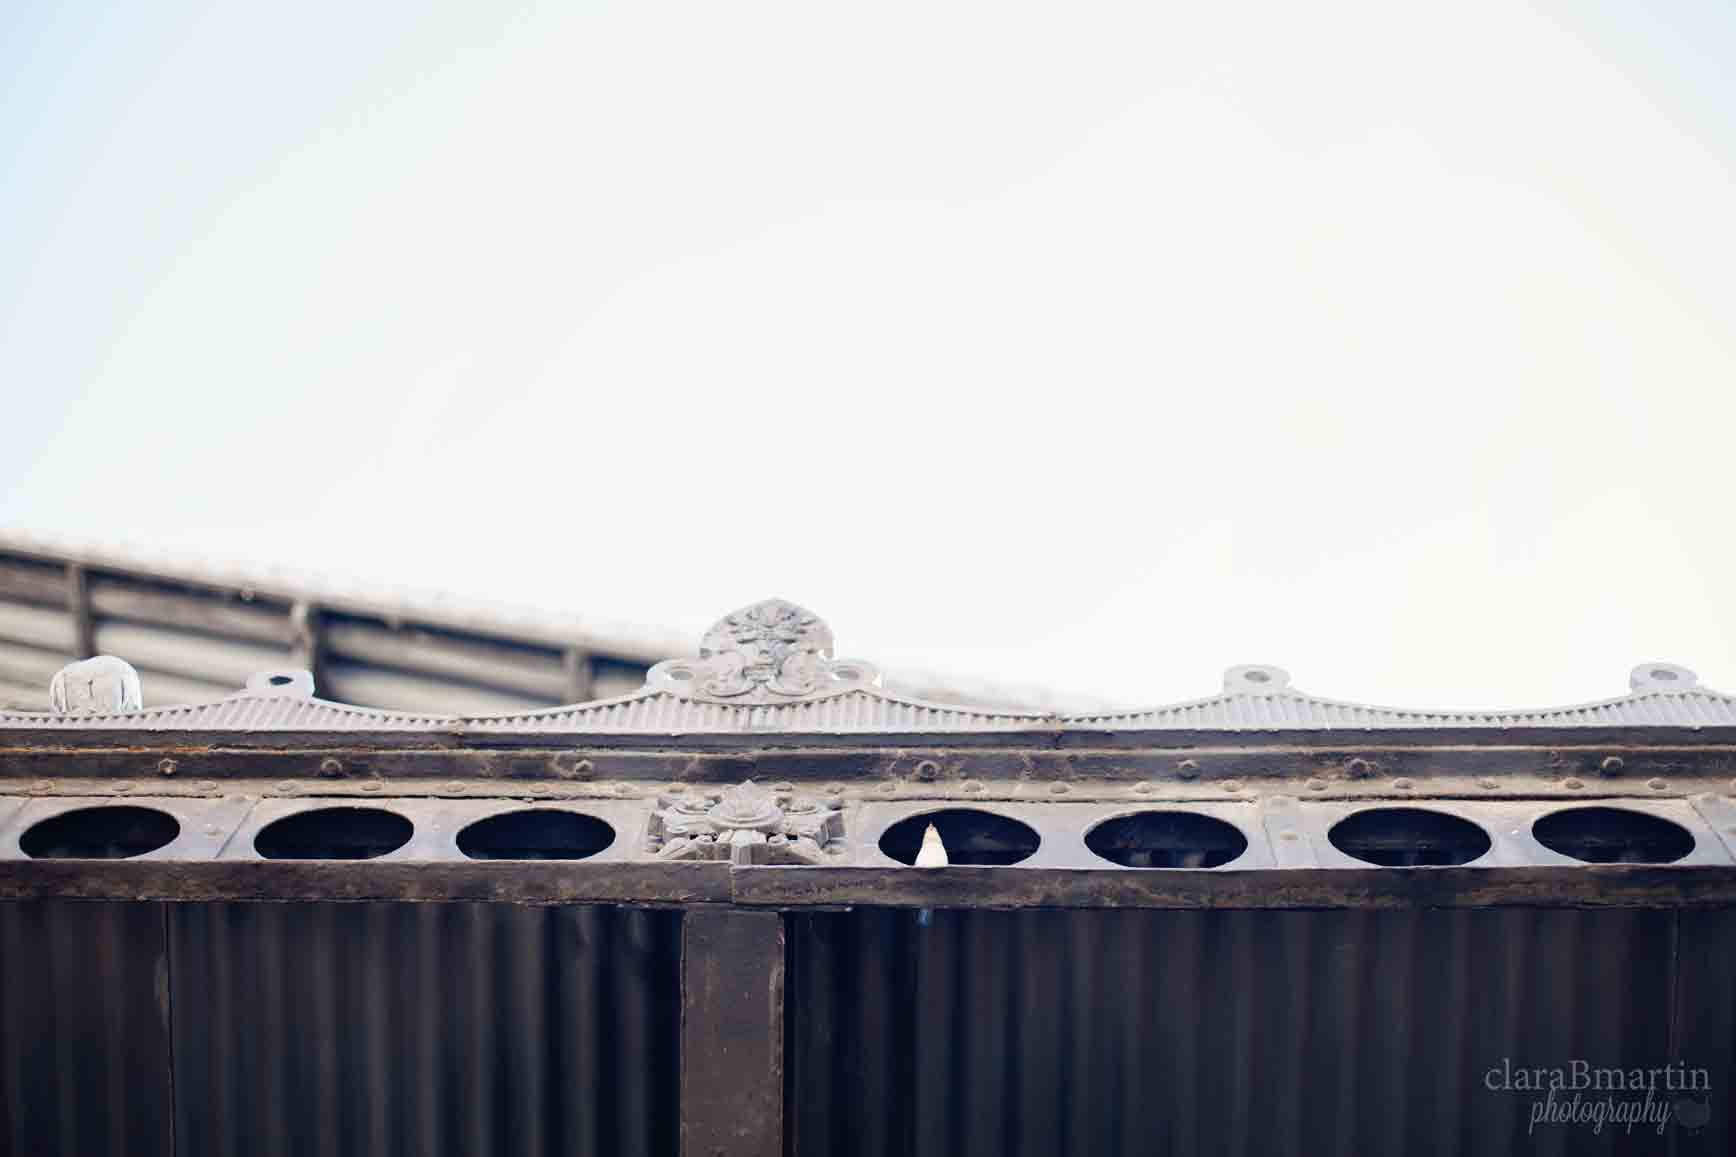 Mercado-de-motores-clarabmartin-14